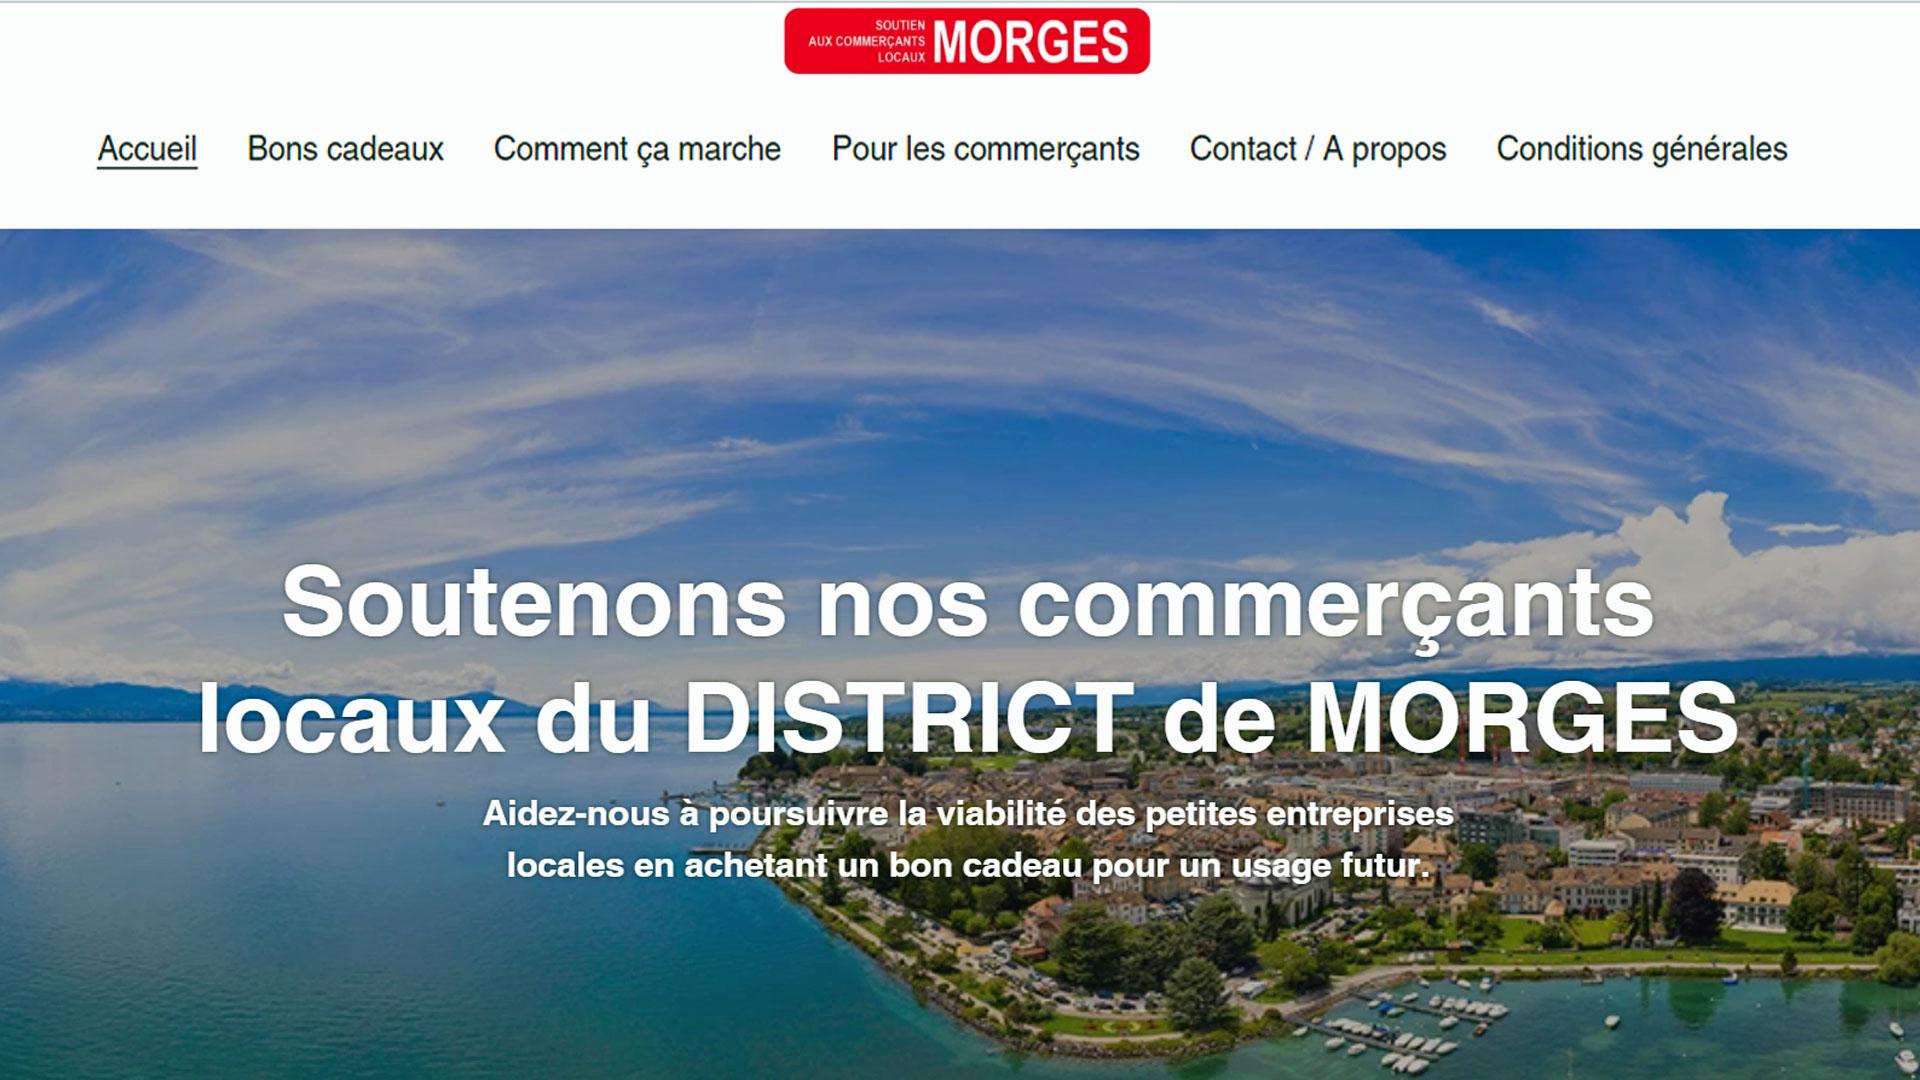 Coronavirus : L'excellente idée appliquée par l'ARCAM pour soutenir les commerçants locaux du district de Morges !